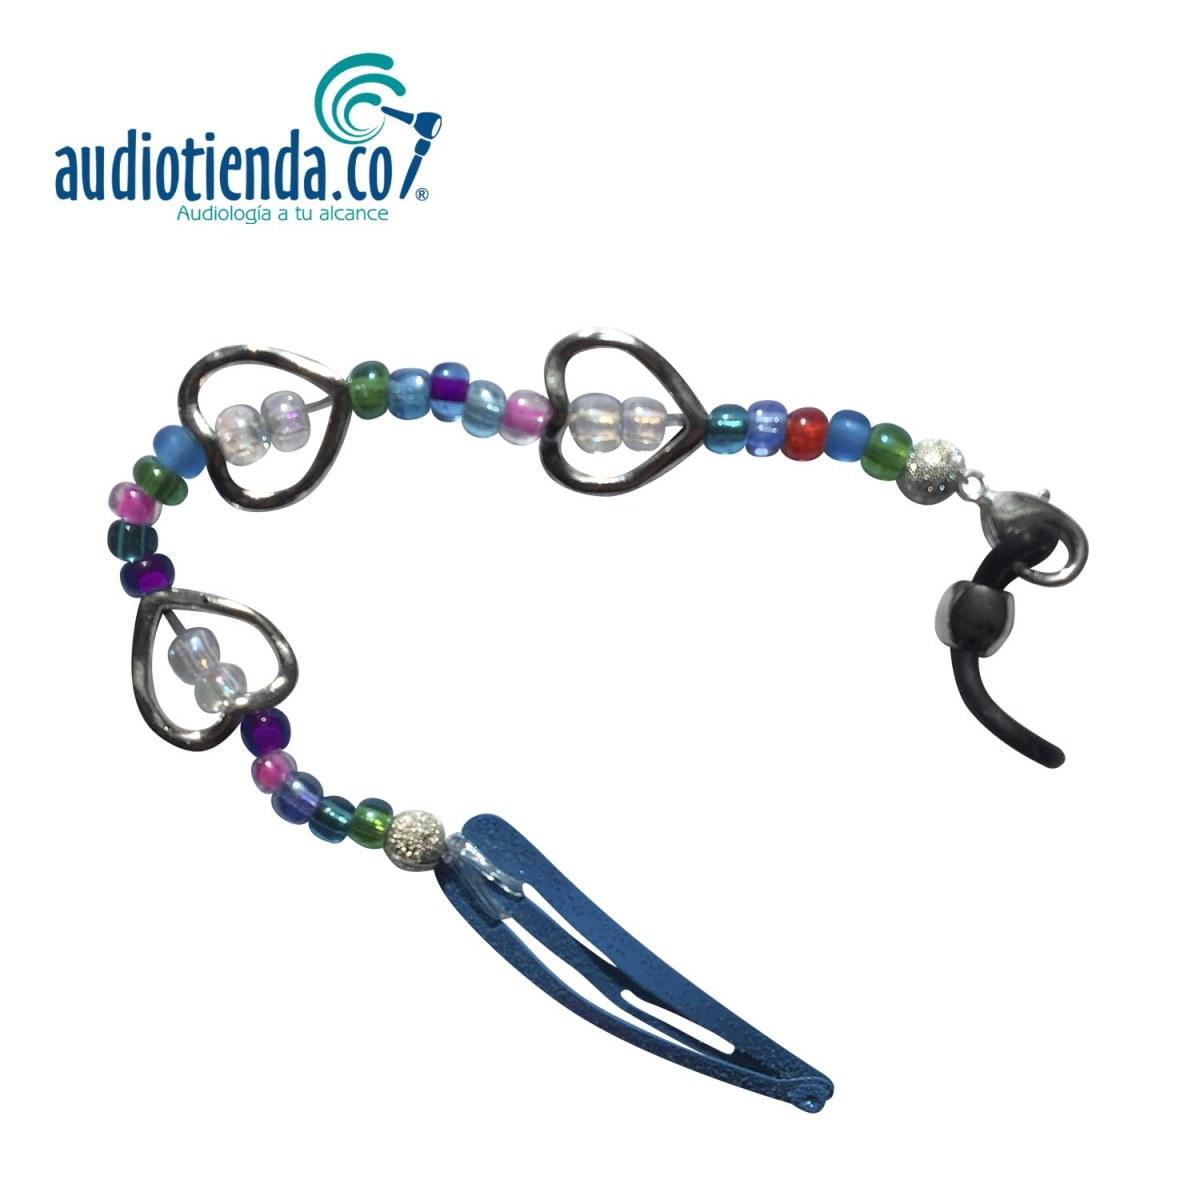 sujetador para audífono